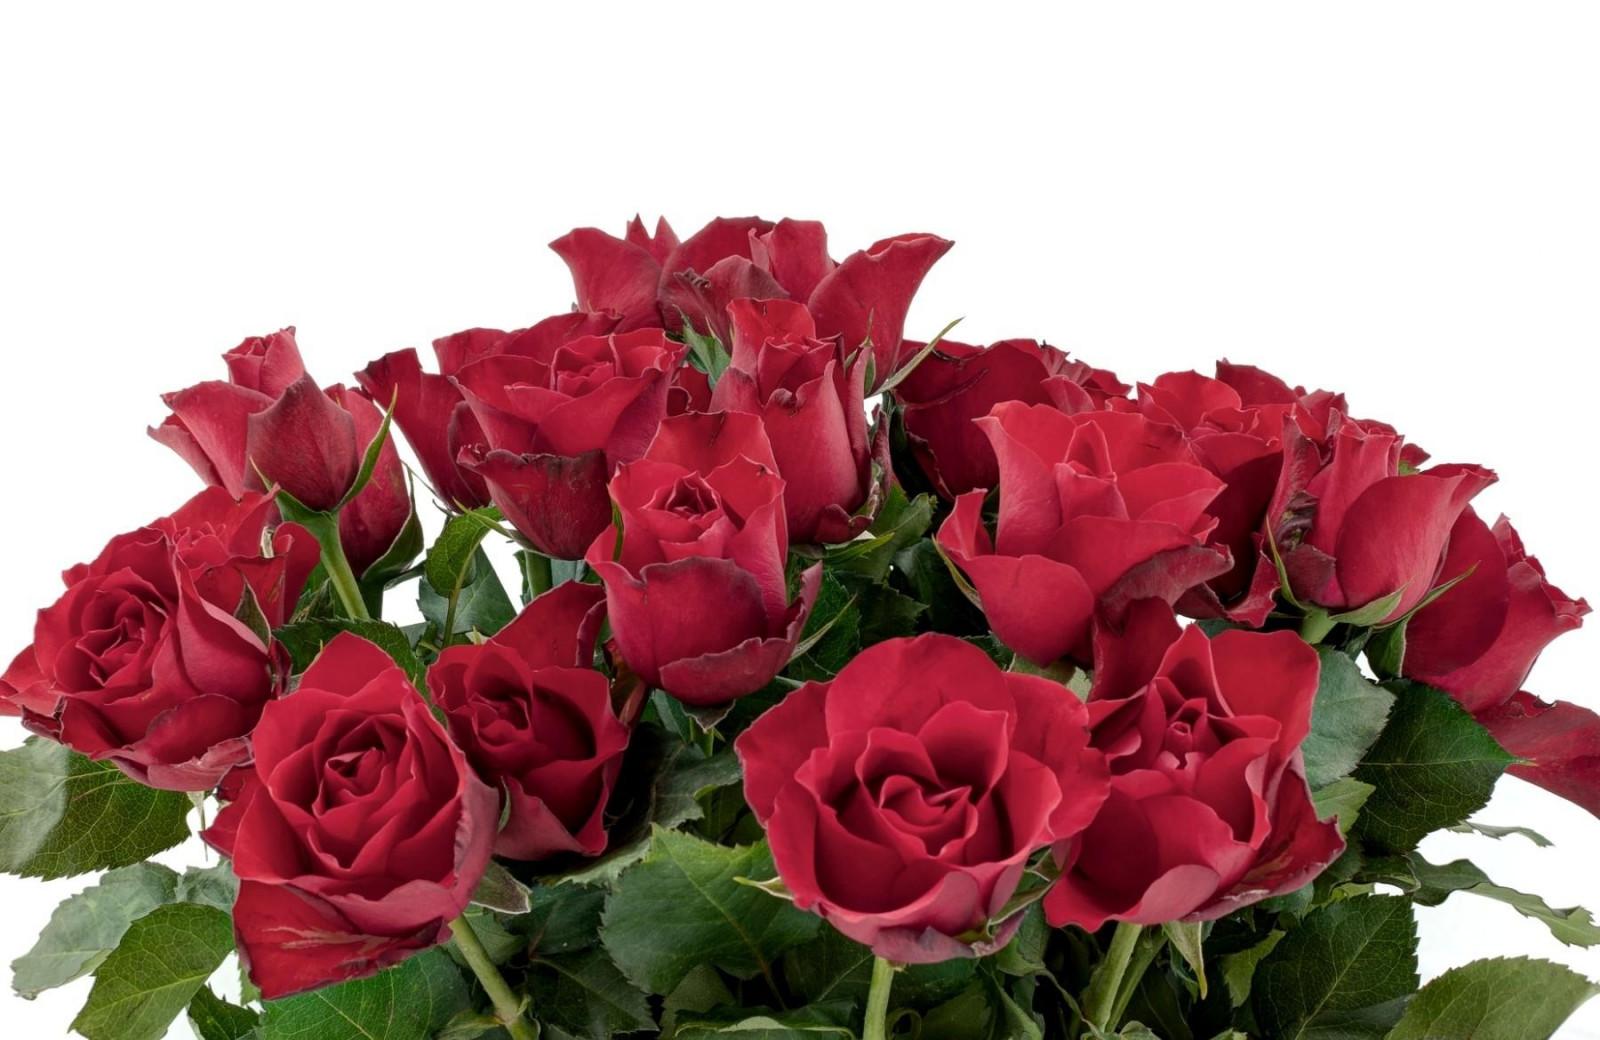 Приколы тетрадь, открытка с розами на белом фоне